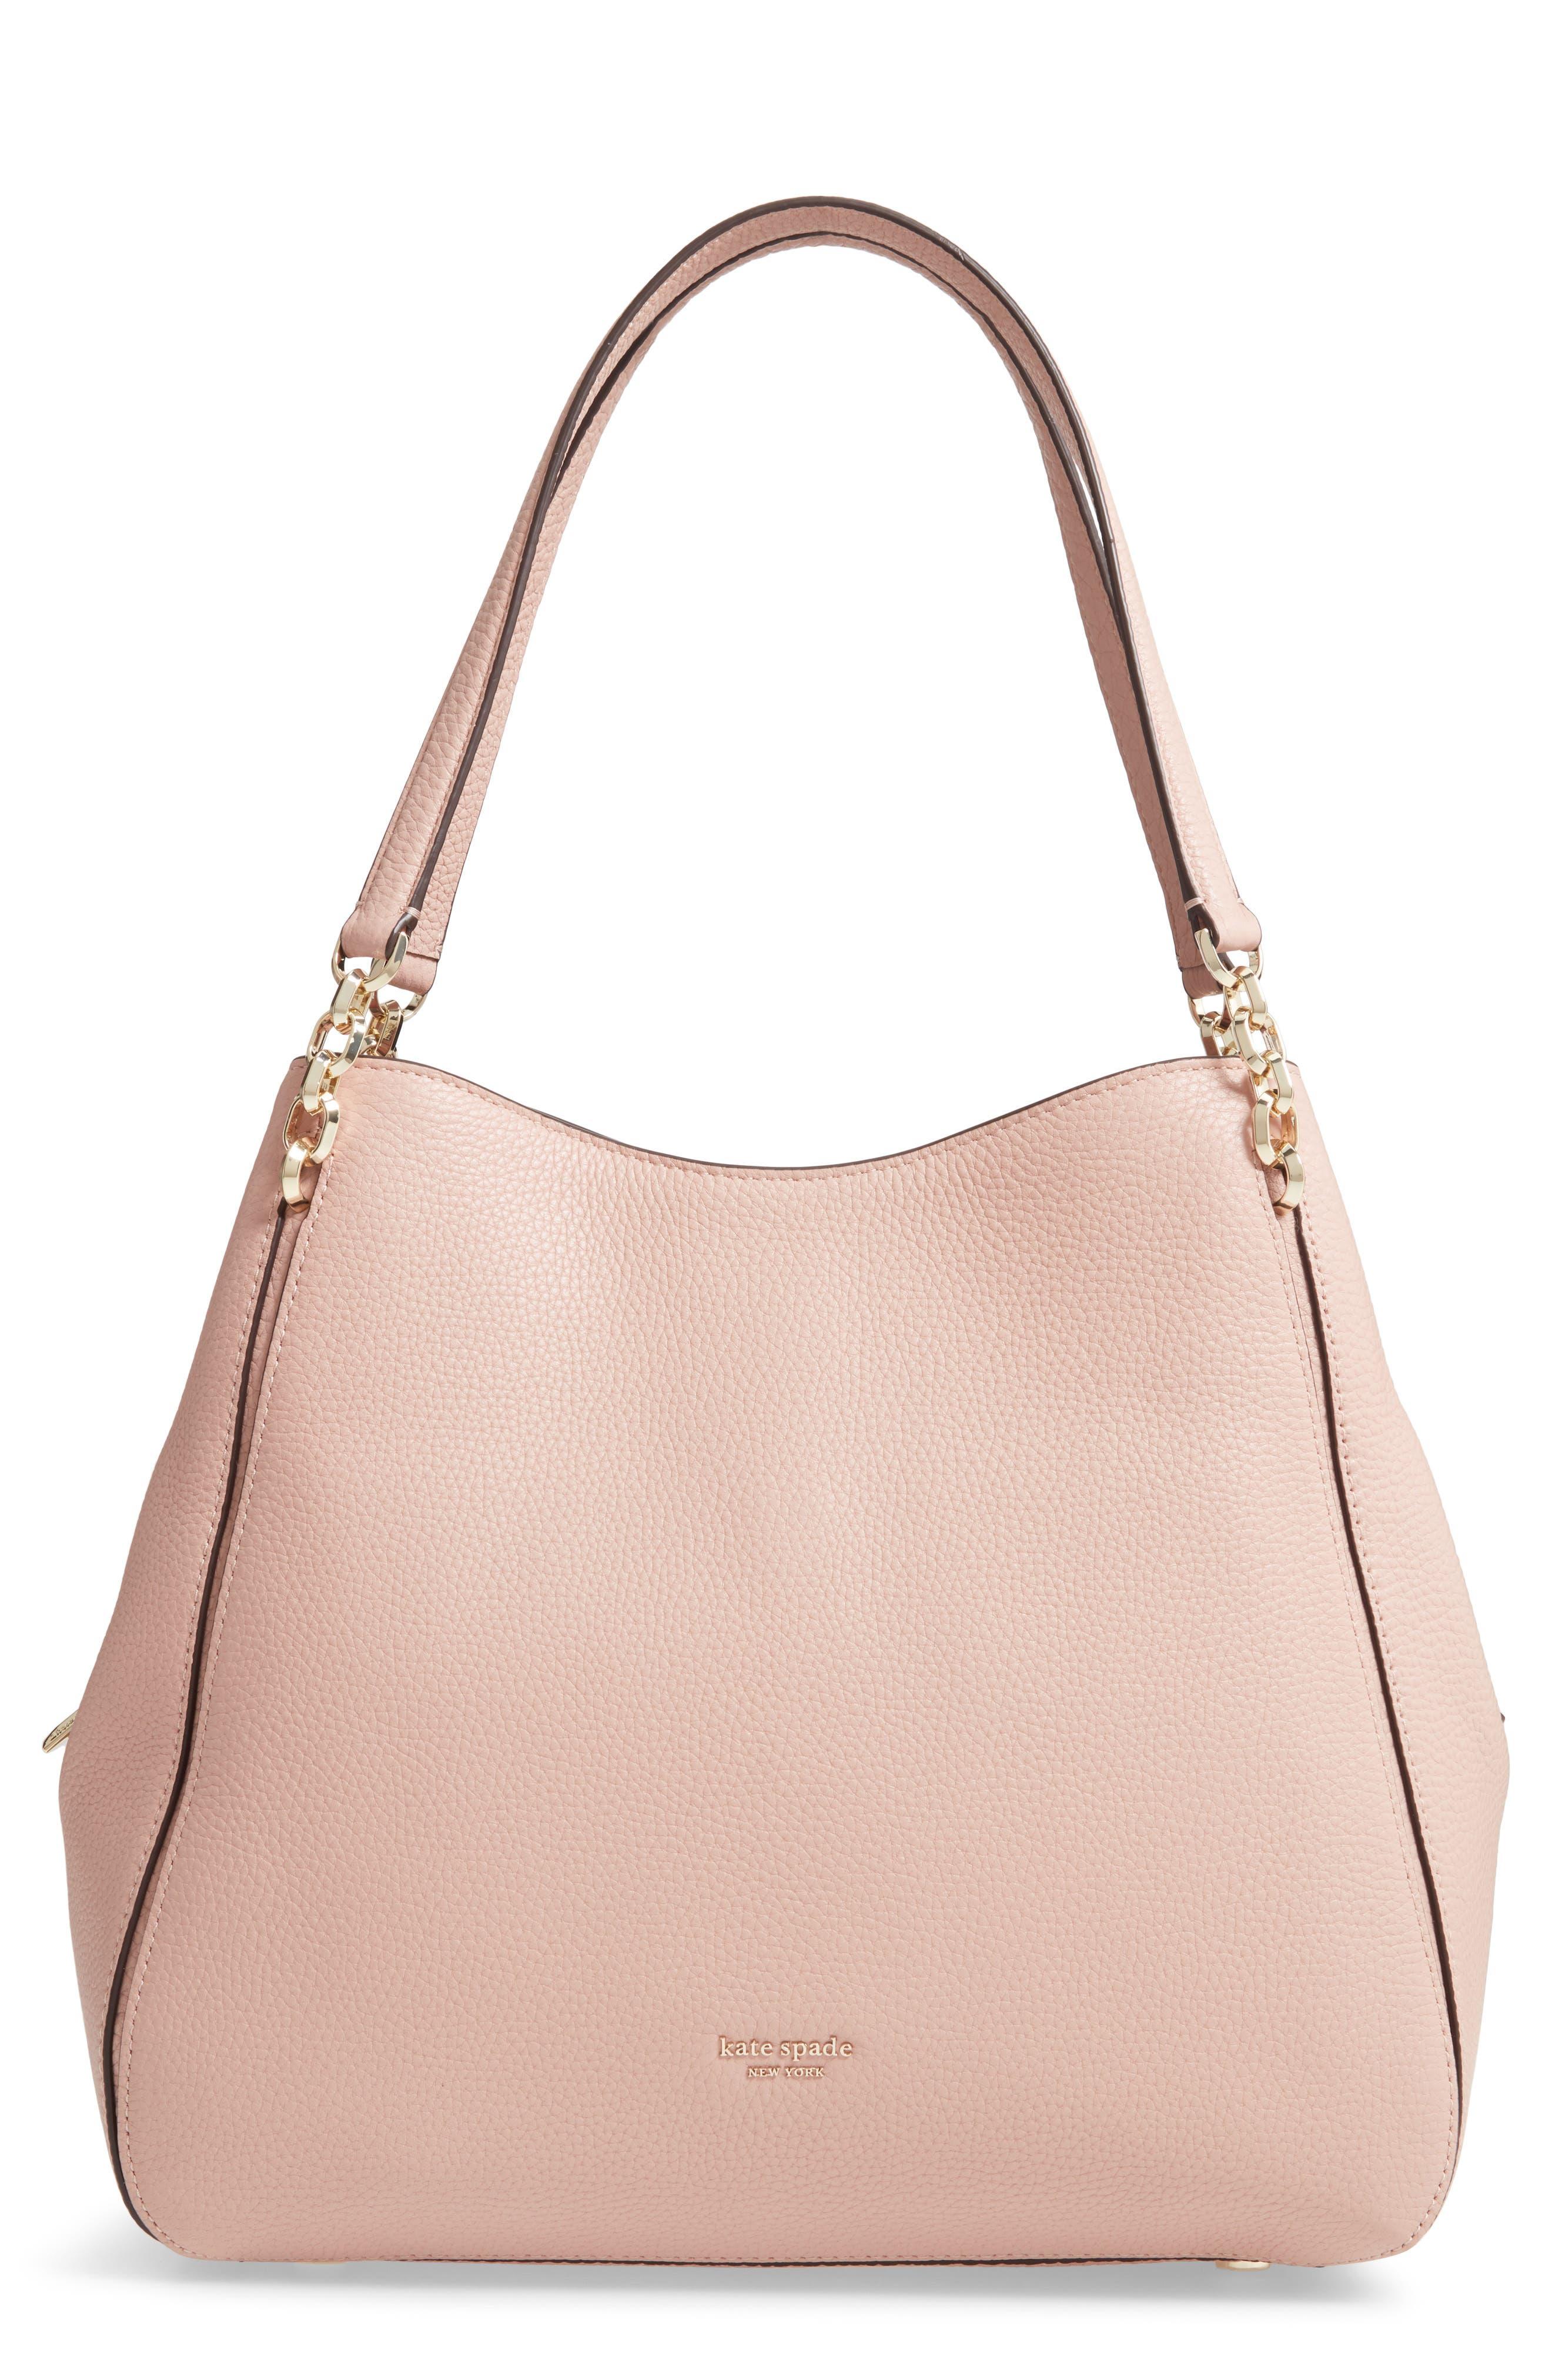 Kate Spade New York Large Hailey Leather Shoulder Bag